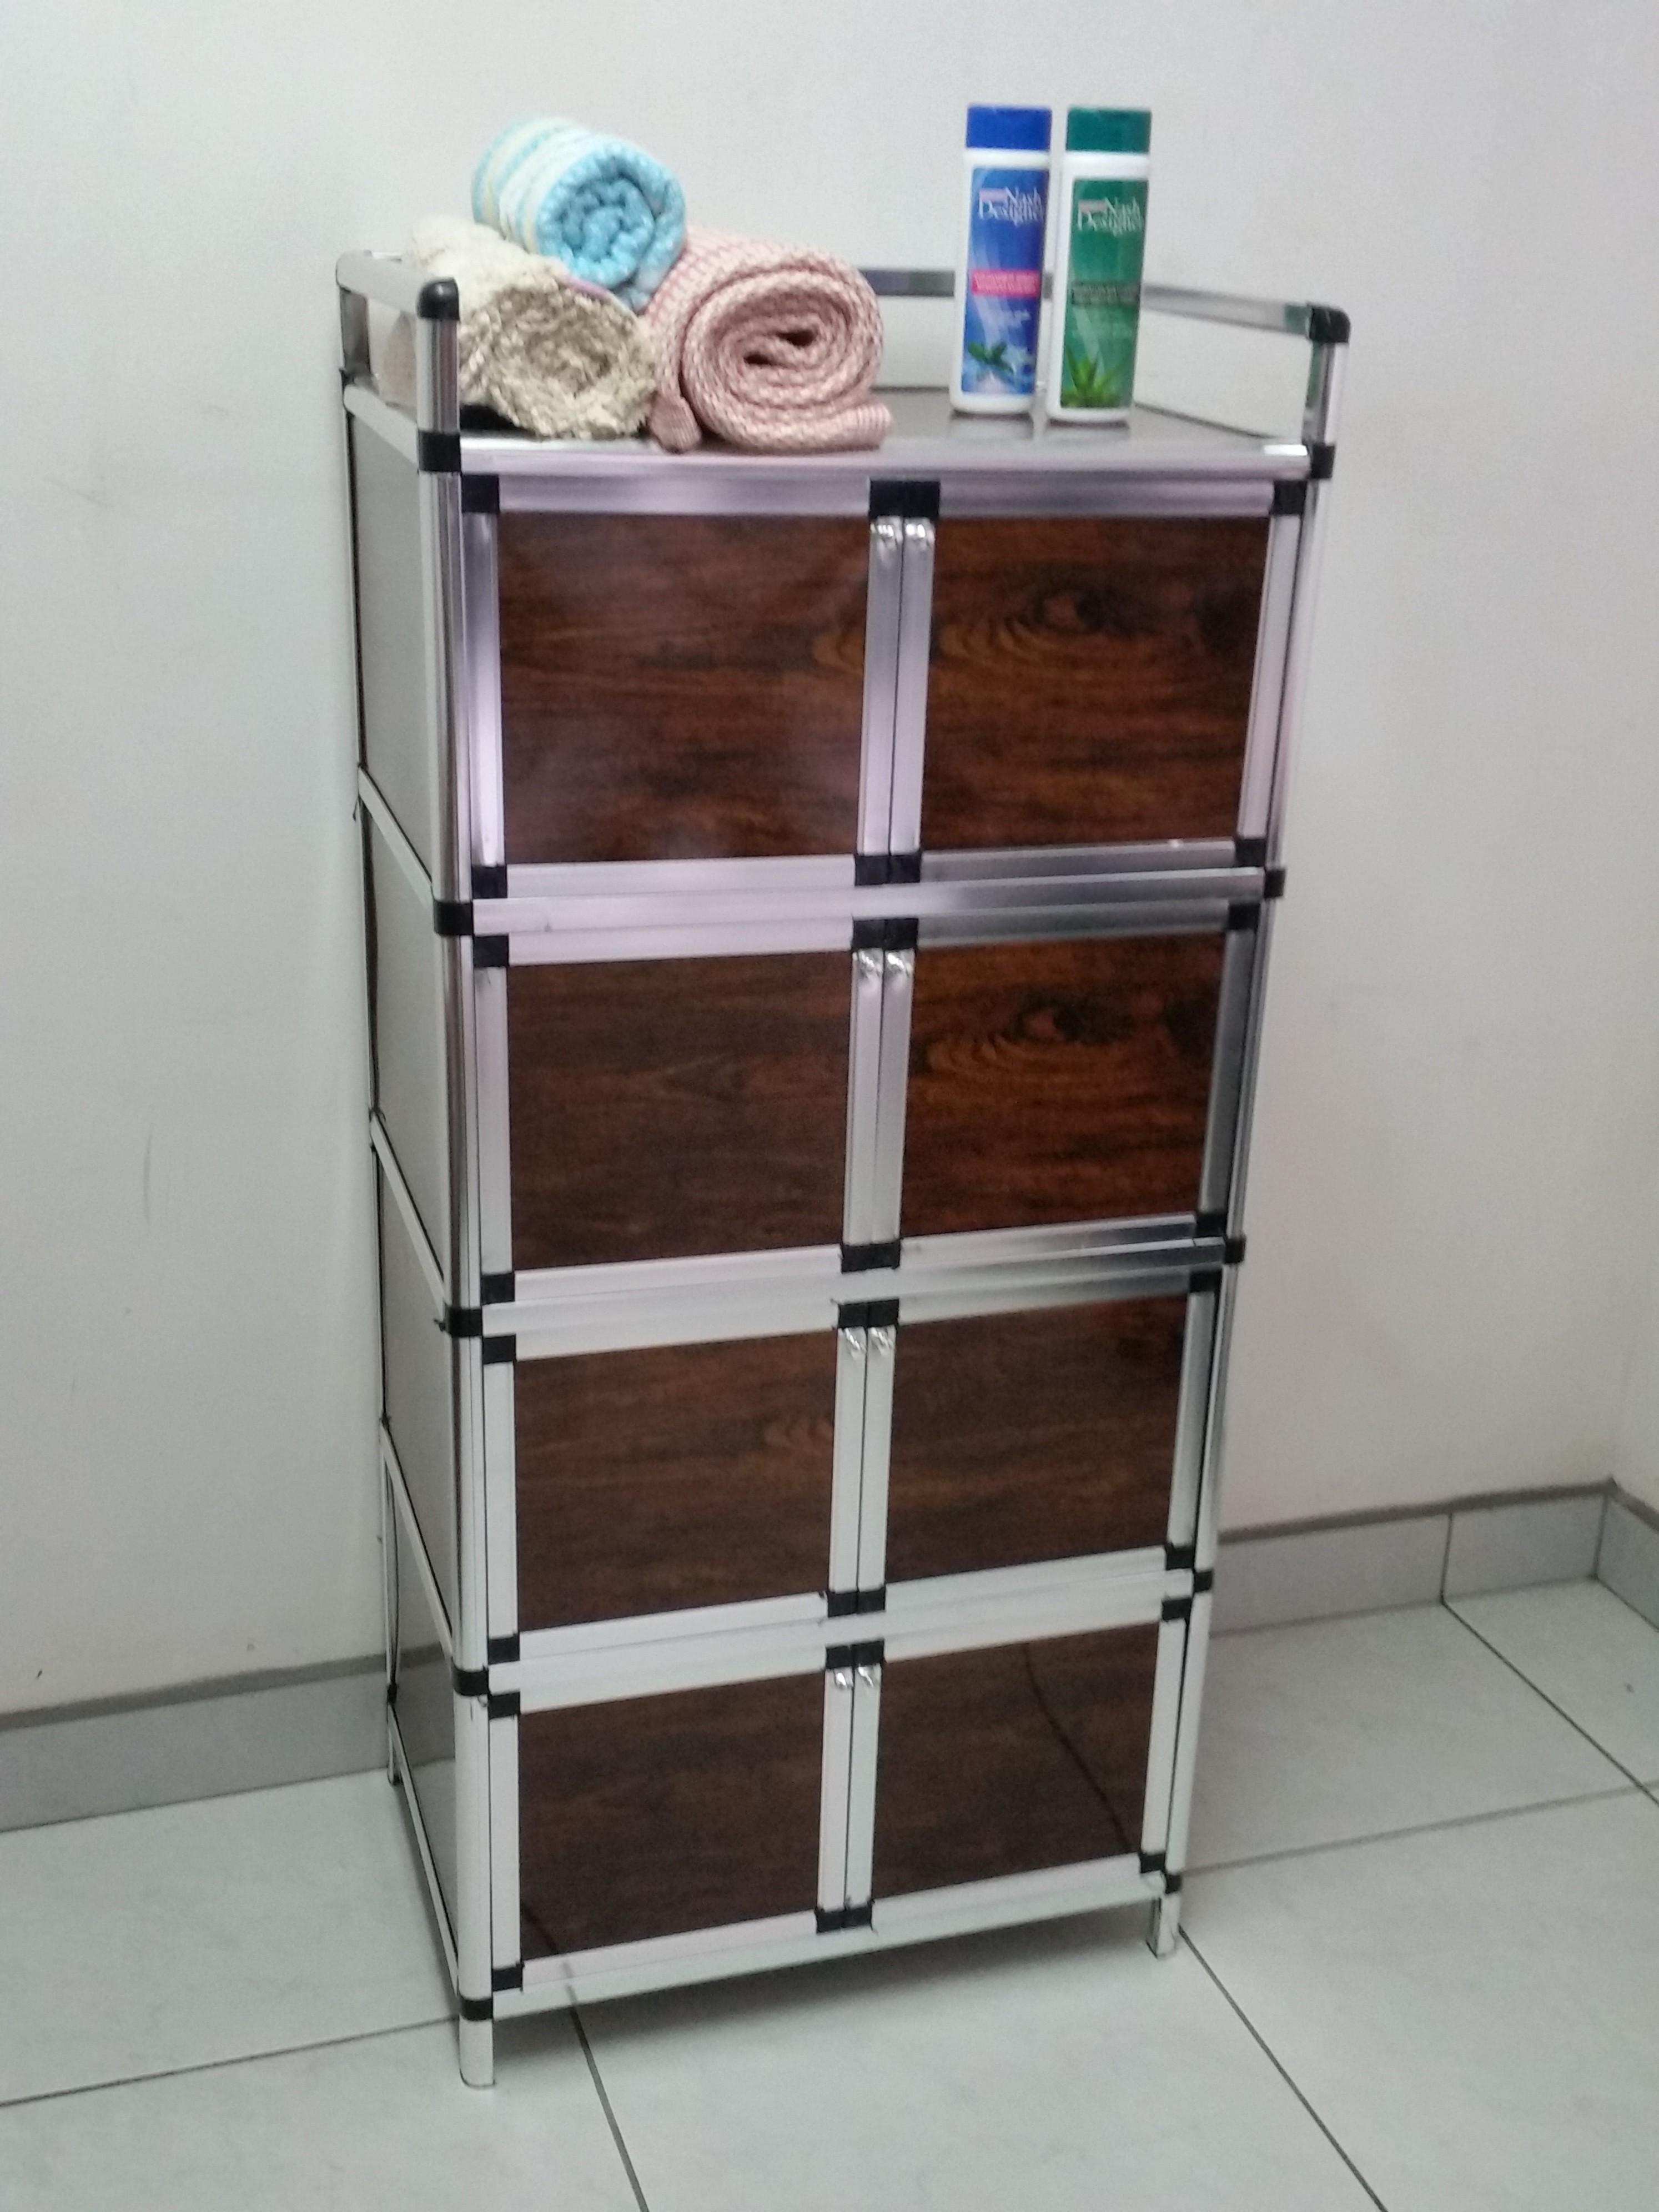 Mueble organizador vertical multiuso con 8 puertas labnash for Mueble organizador